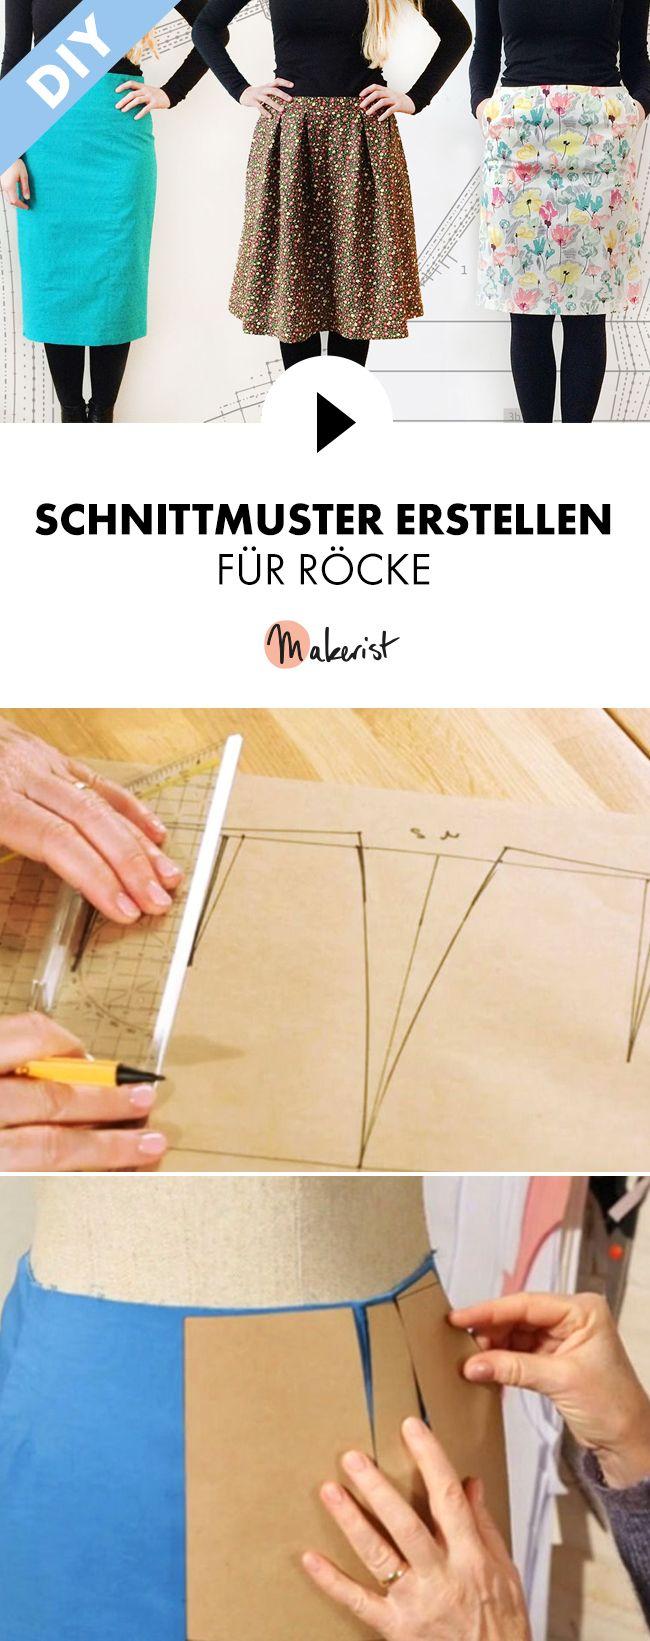 Schnittmuster für Röcke erstellen – Schritt für Schritt erklärt im Video-Kurs via Makerist.de – Midorikawa W.